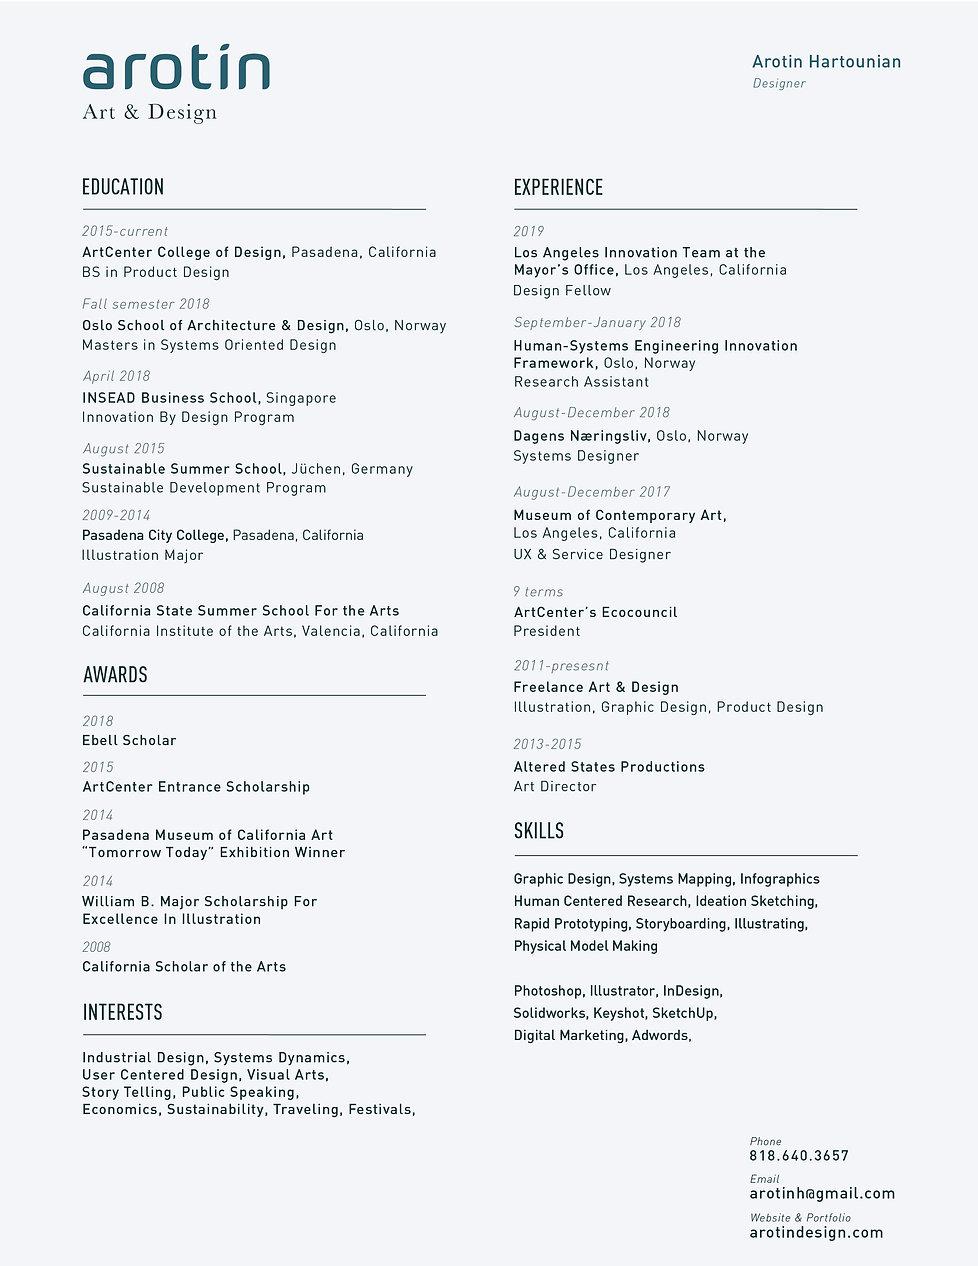 Updated Resume Web Version-05.jpg